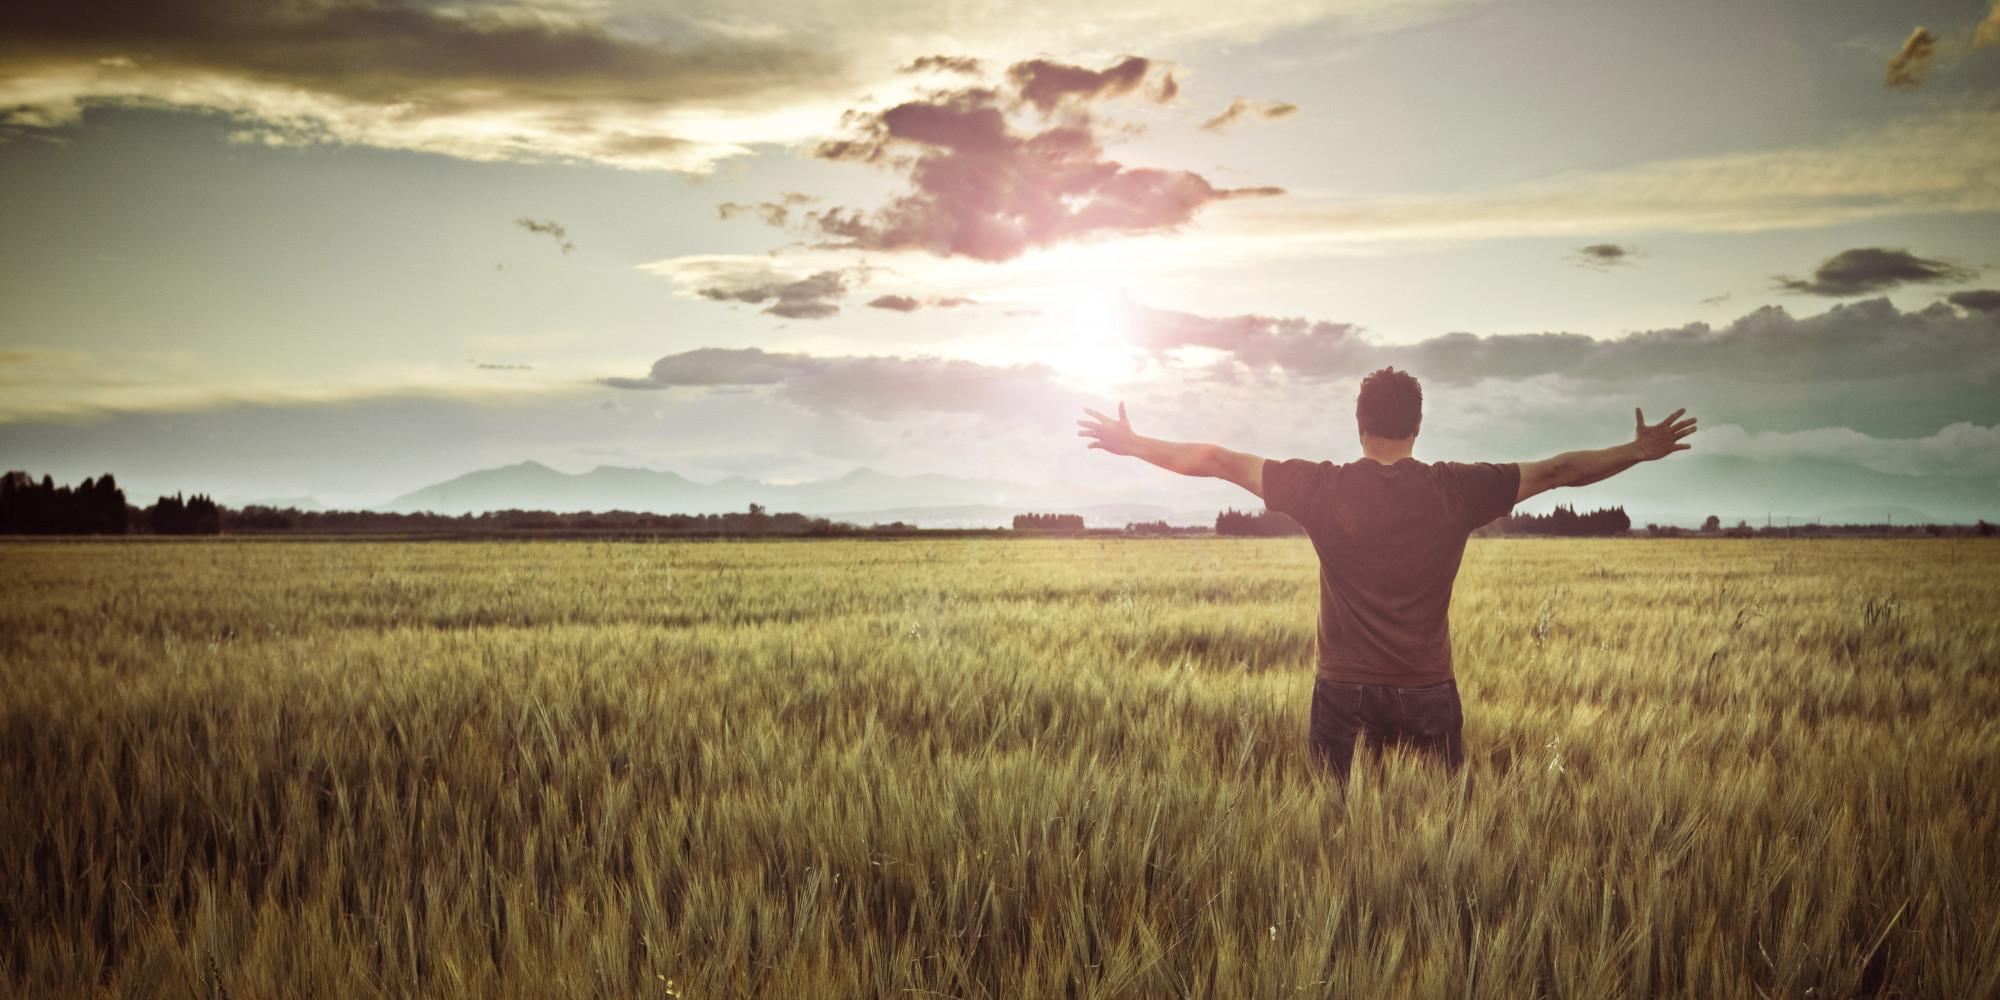 Resultado de imagen para grateful people